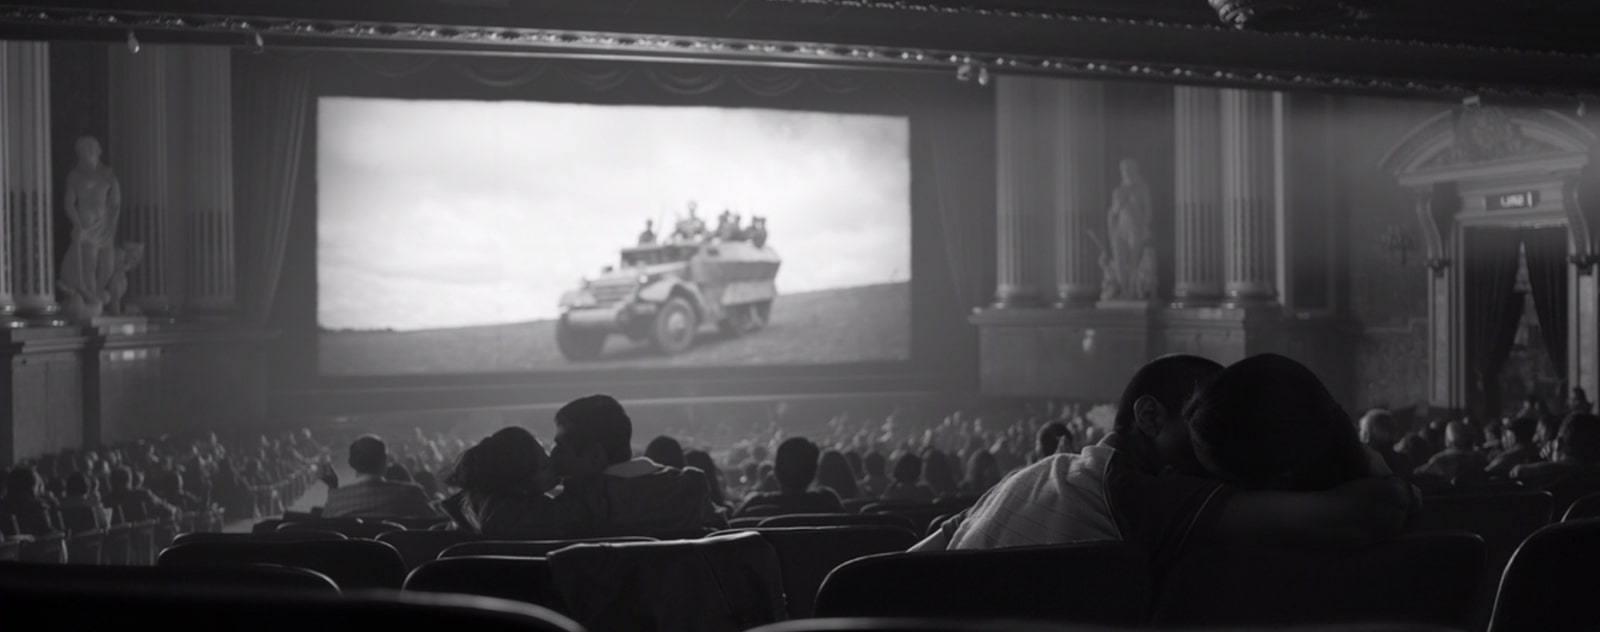 Cinéma Noir et Blanc